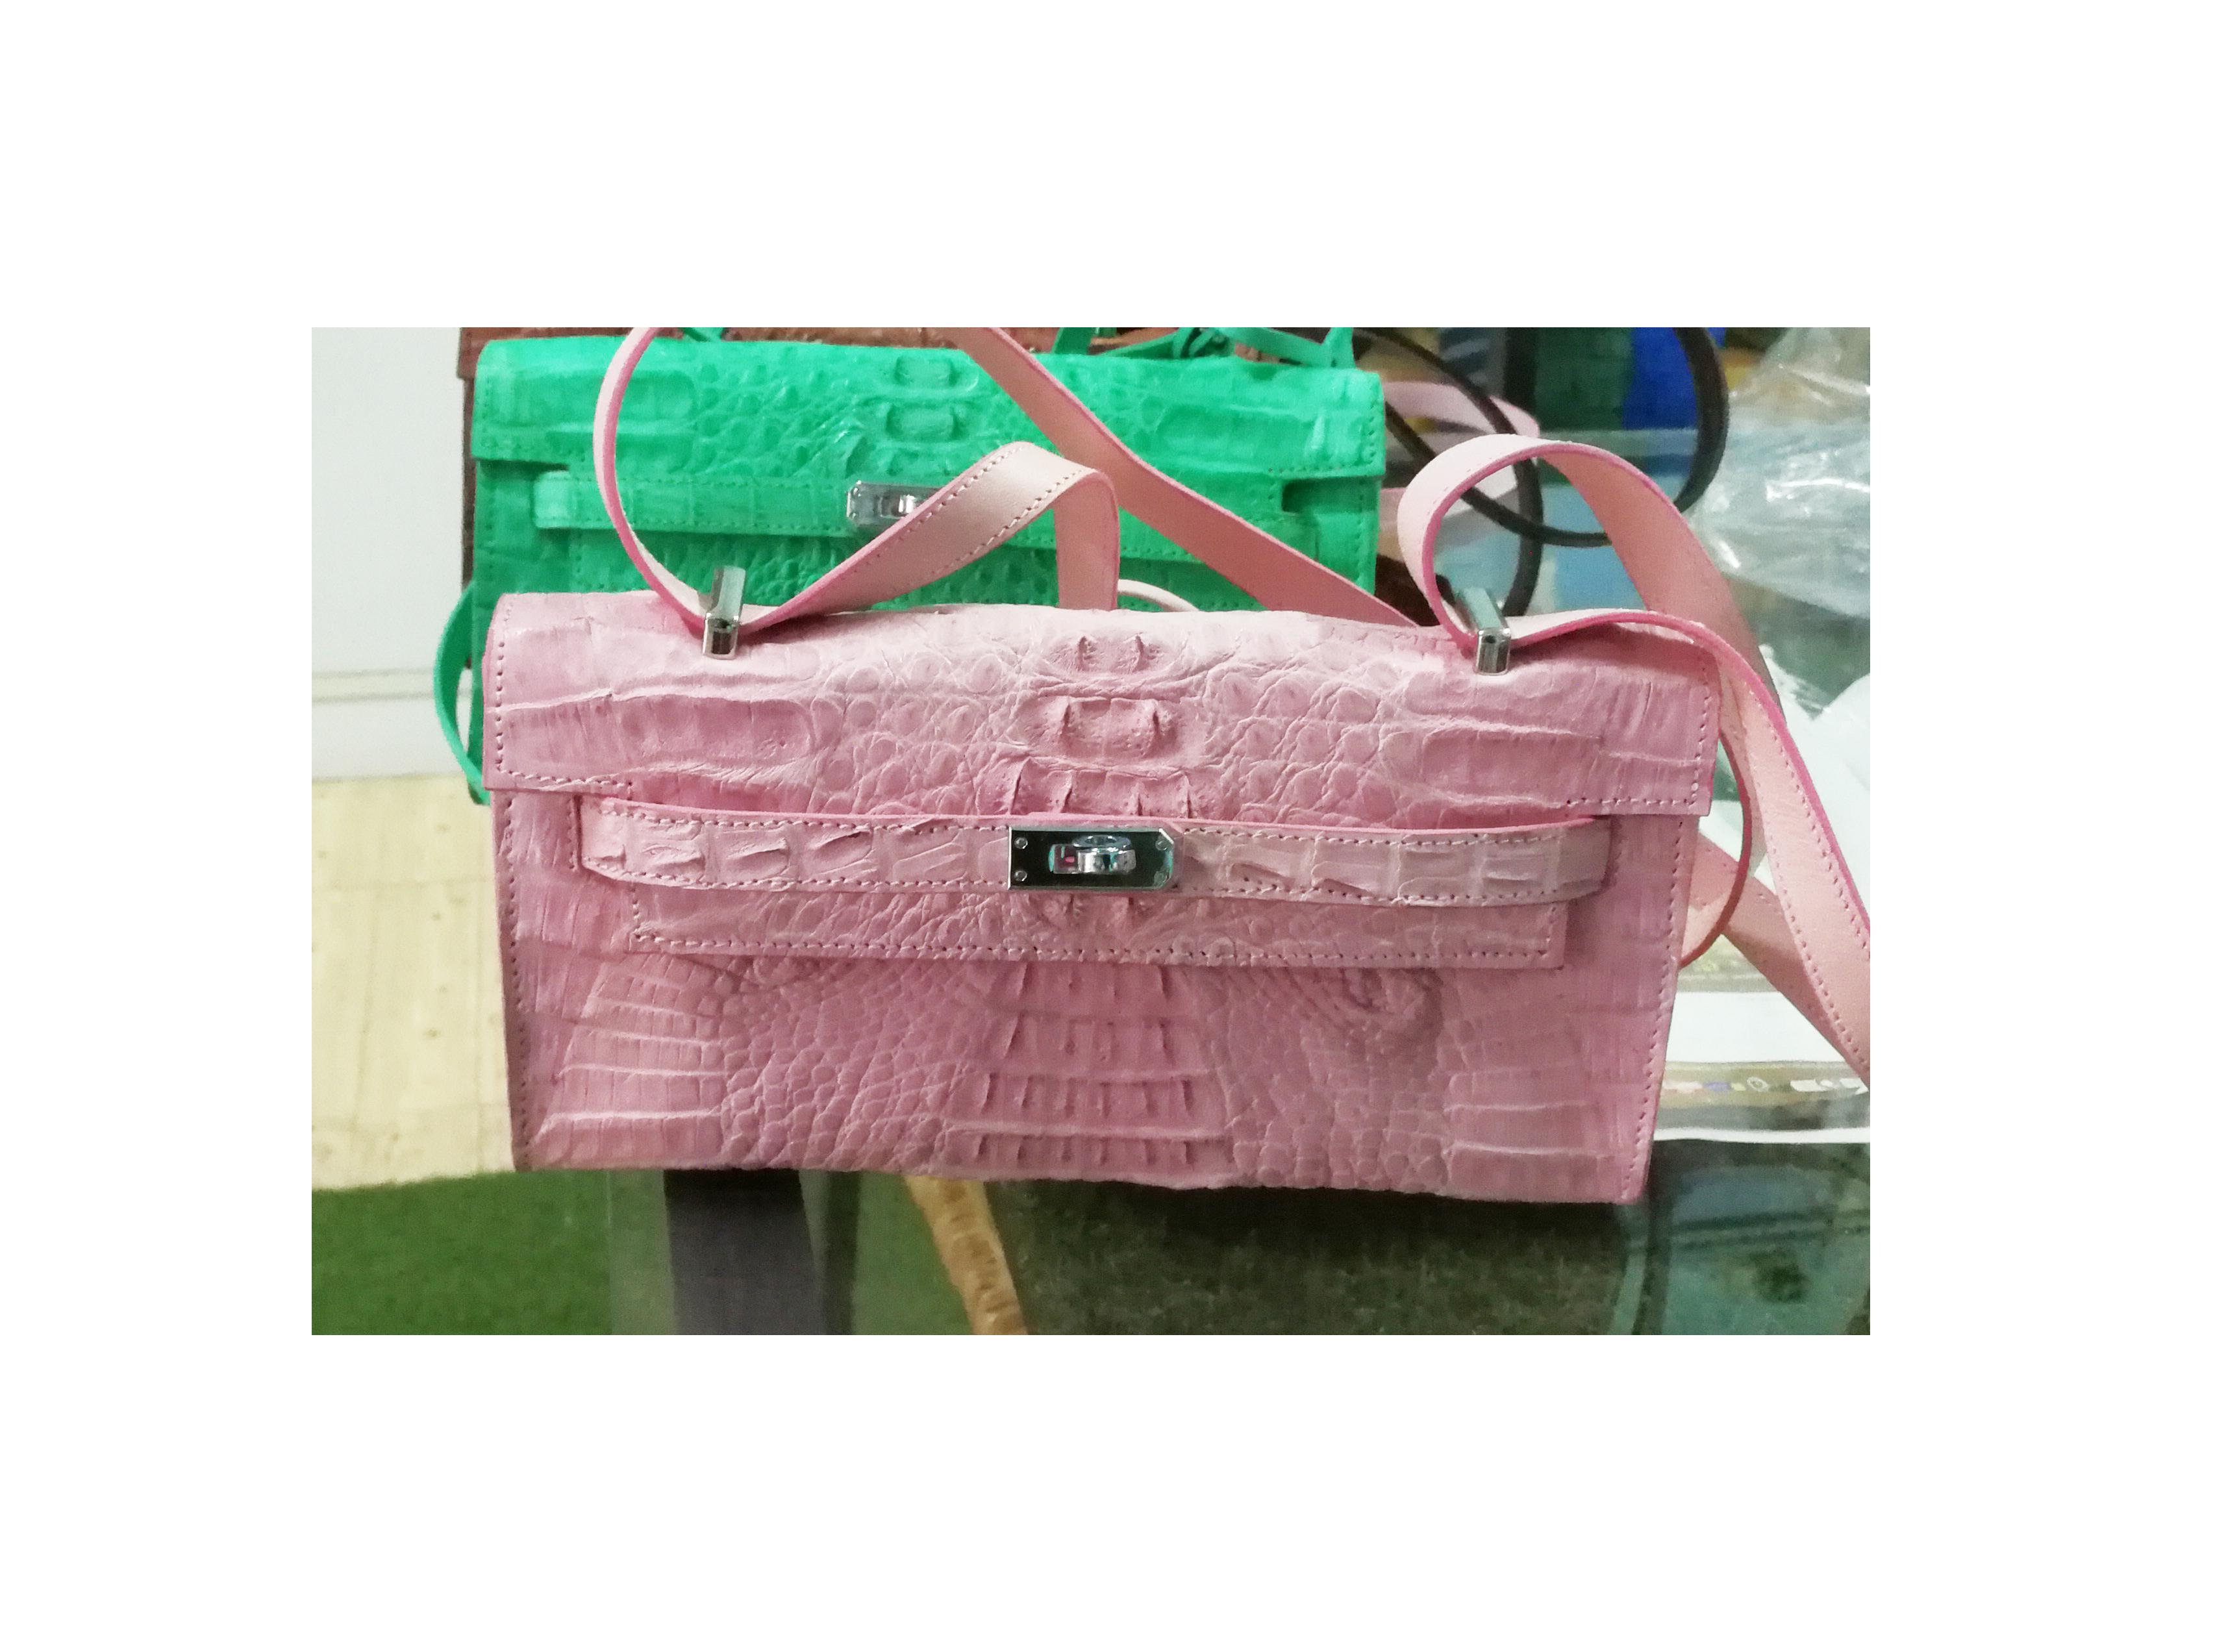 สินค้าแนะนำ : กระเป๋าสะพายหนังจระเข้แท้ สีชมพู